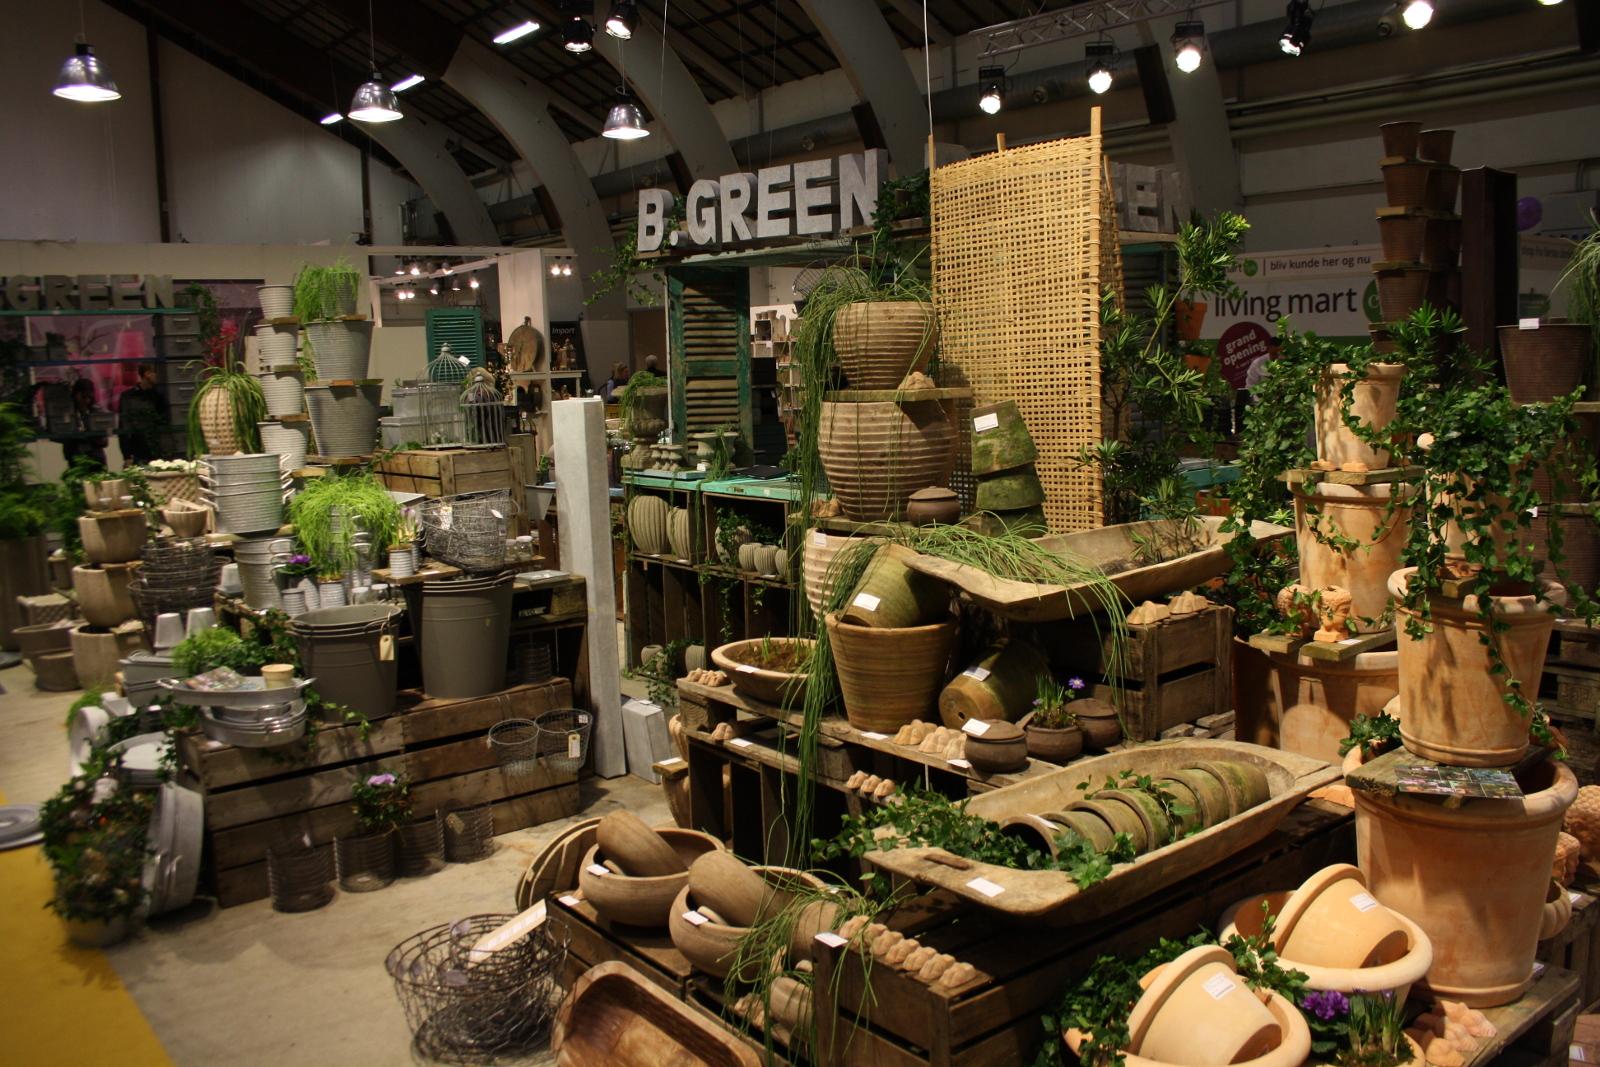 Formland B green